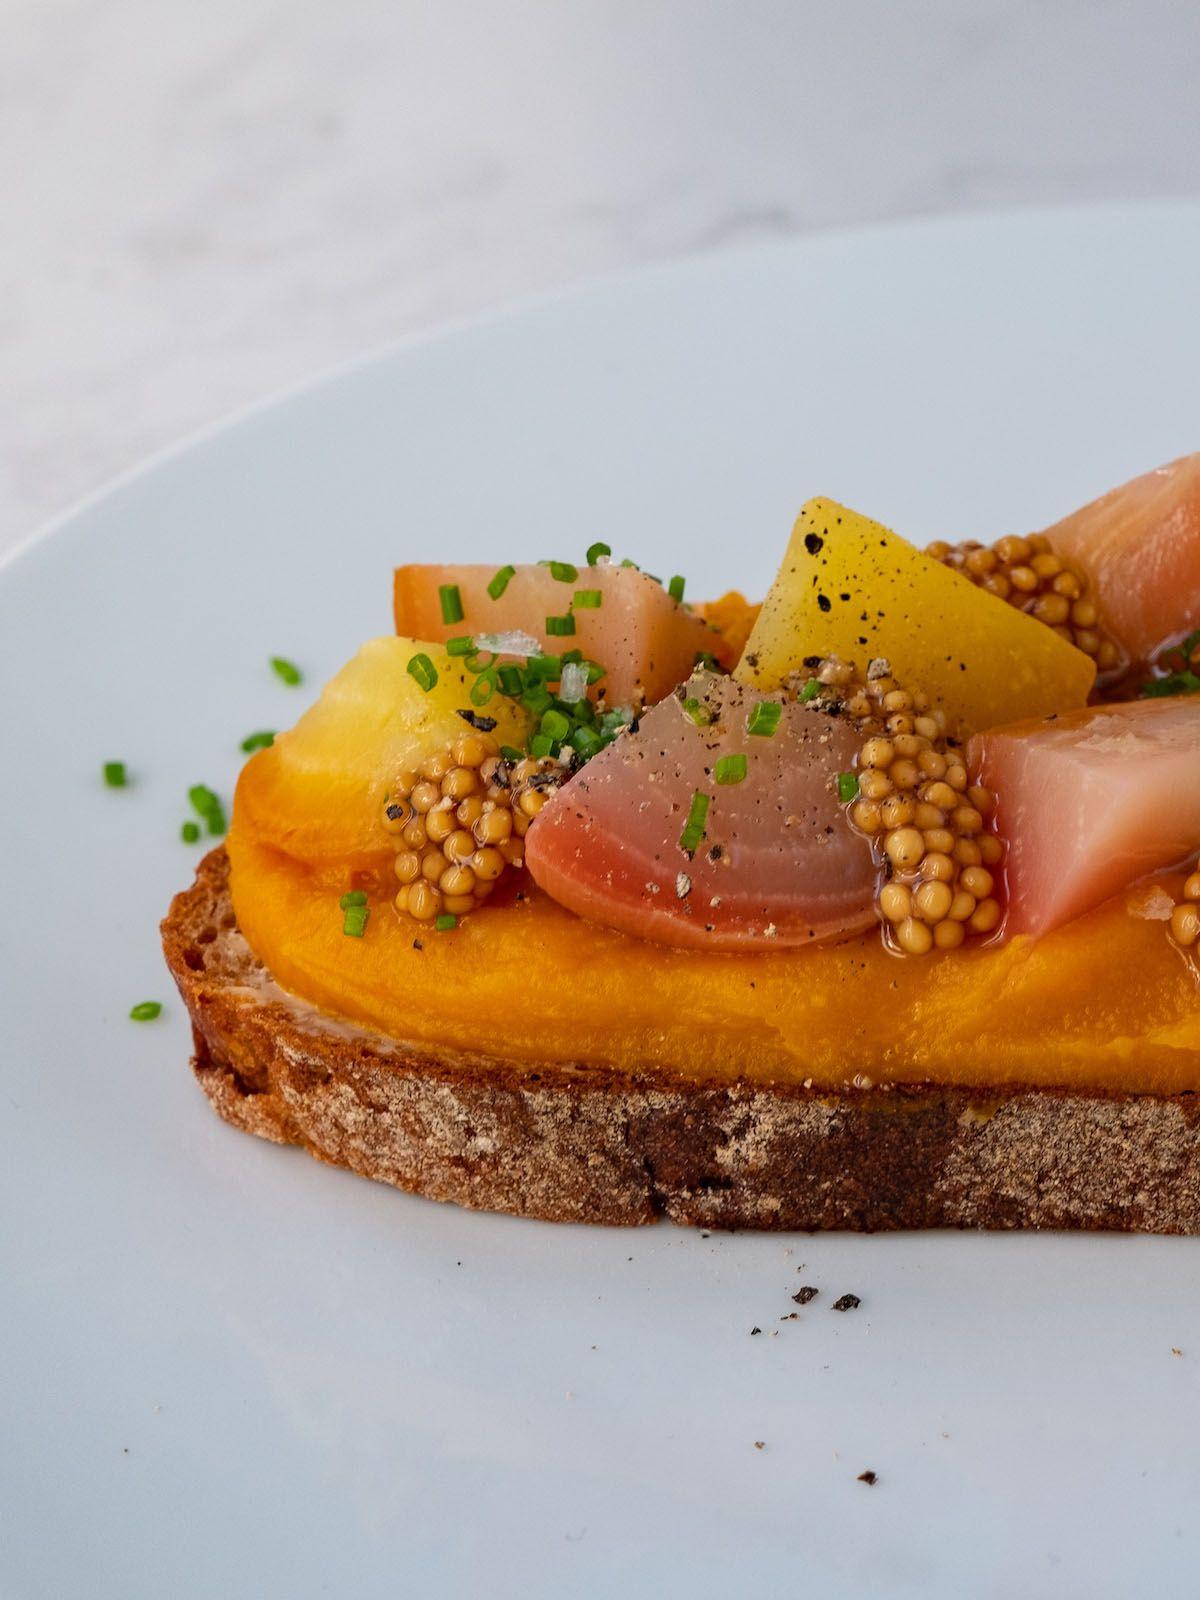 Foodblog, About Fuel, Rezept, Sandwich, Kürbis Zwiebel Marmelade, Aufstrich, Senfcaviar, Gelbe Bete, Pfeffer, Schnittlauch